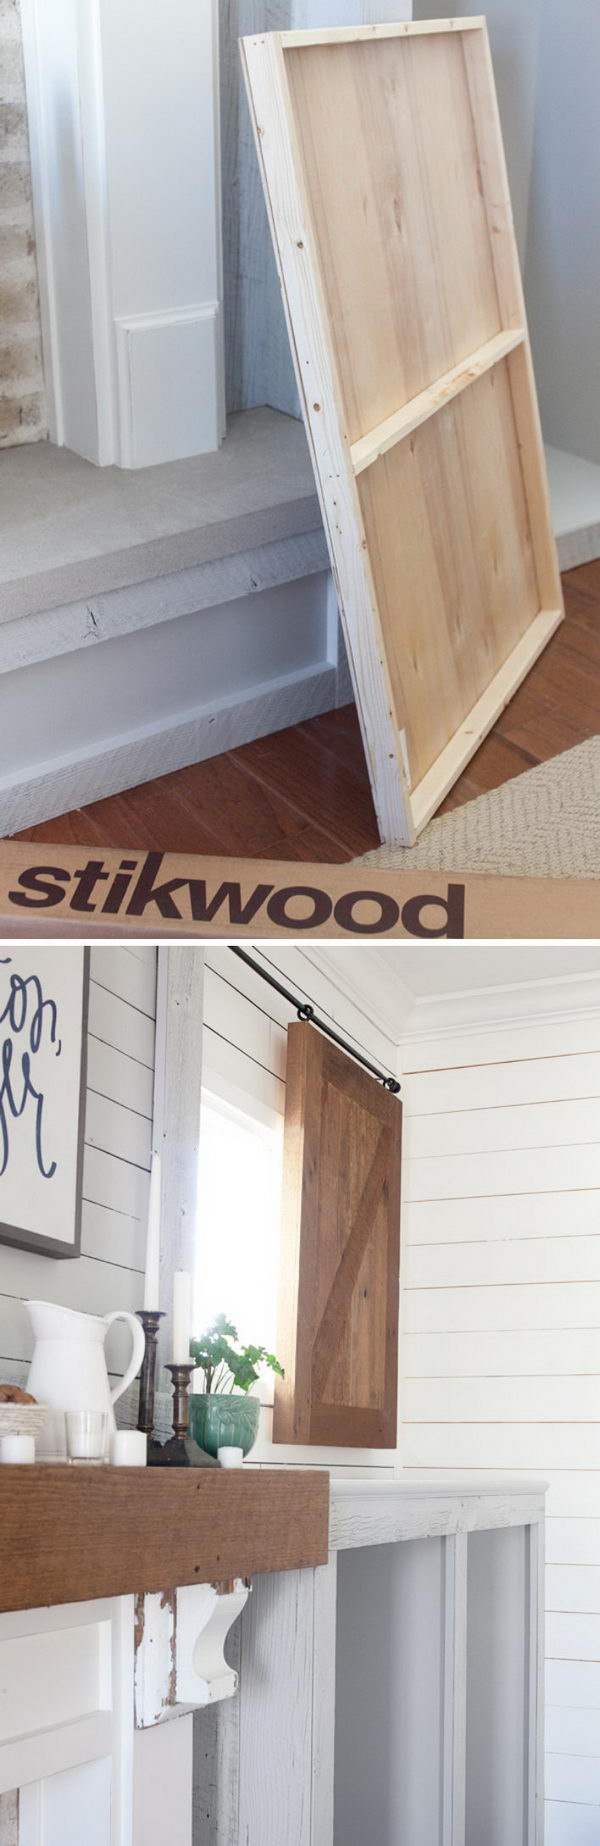 Sliding Reclaimed Wood Shutters.